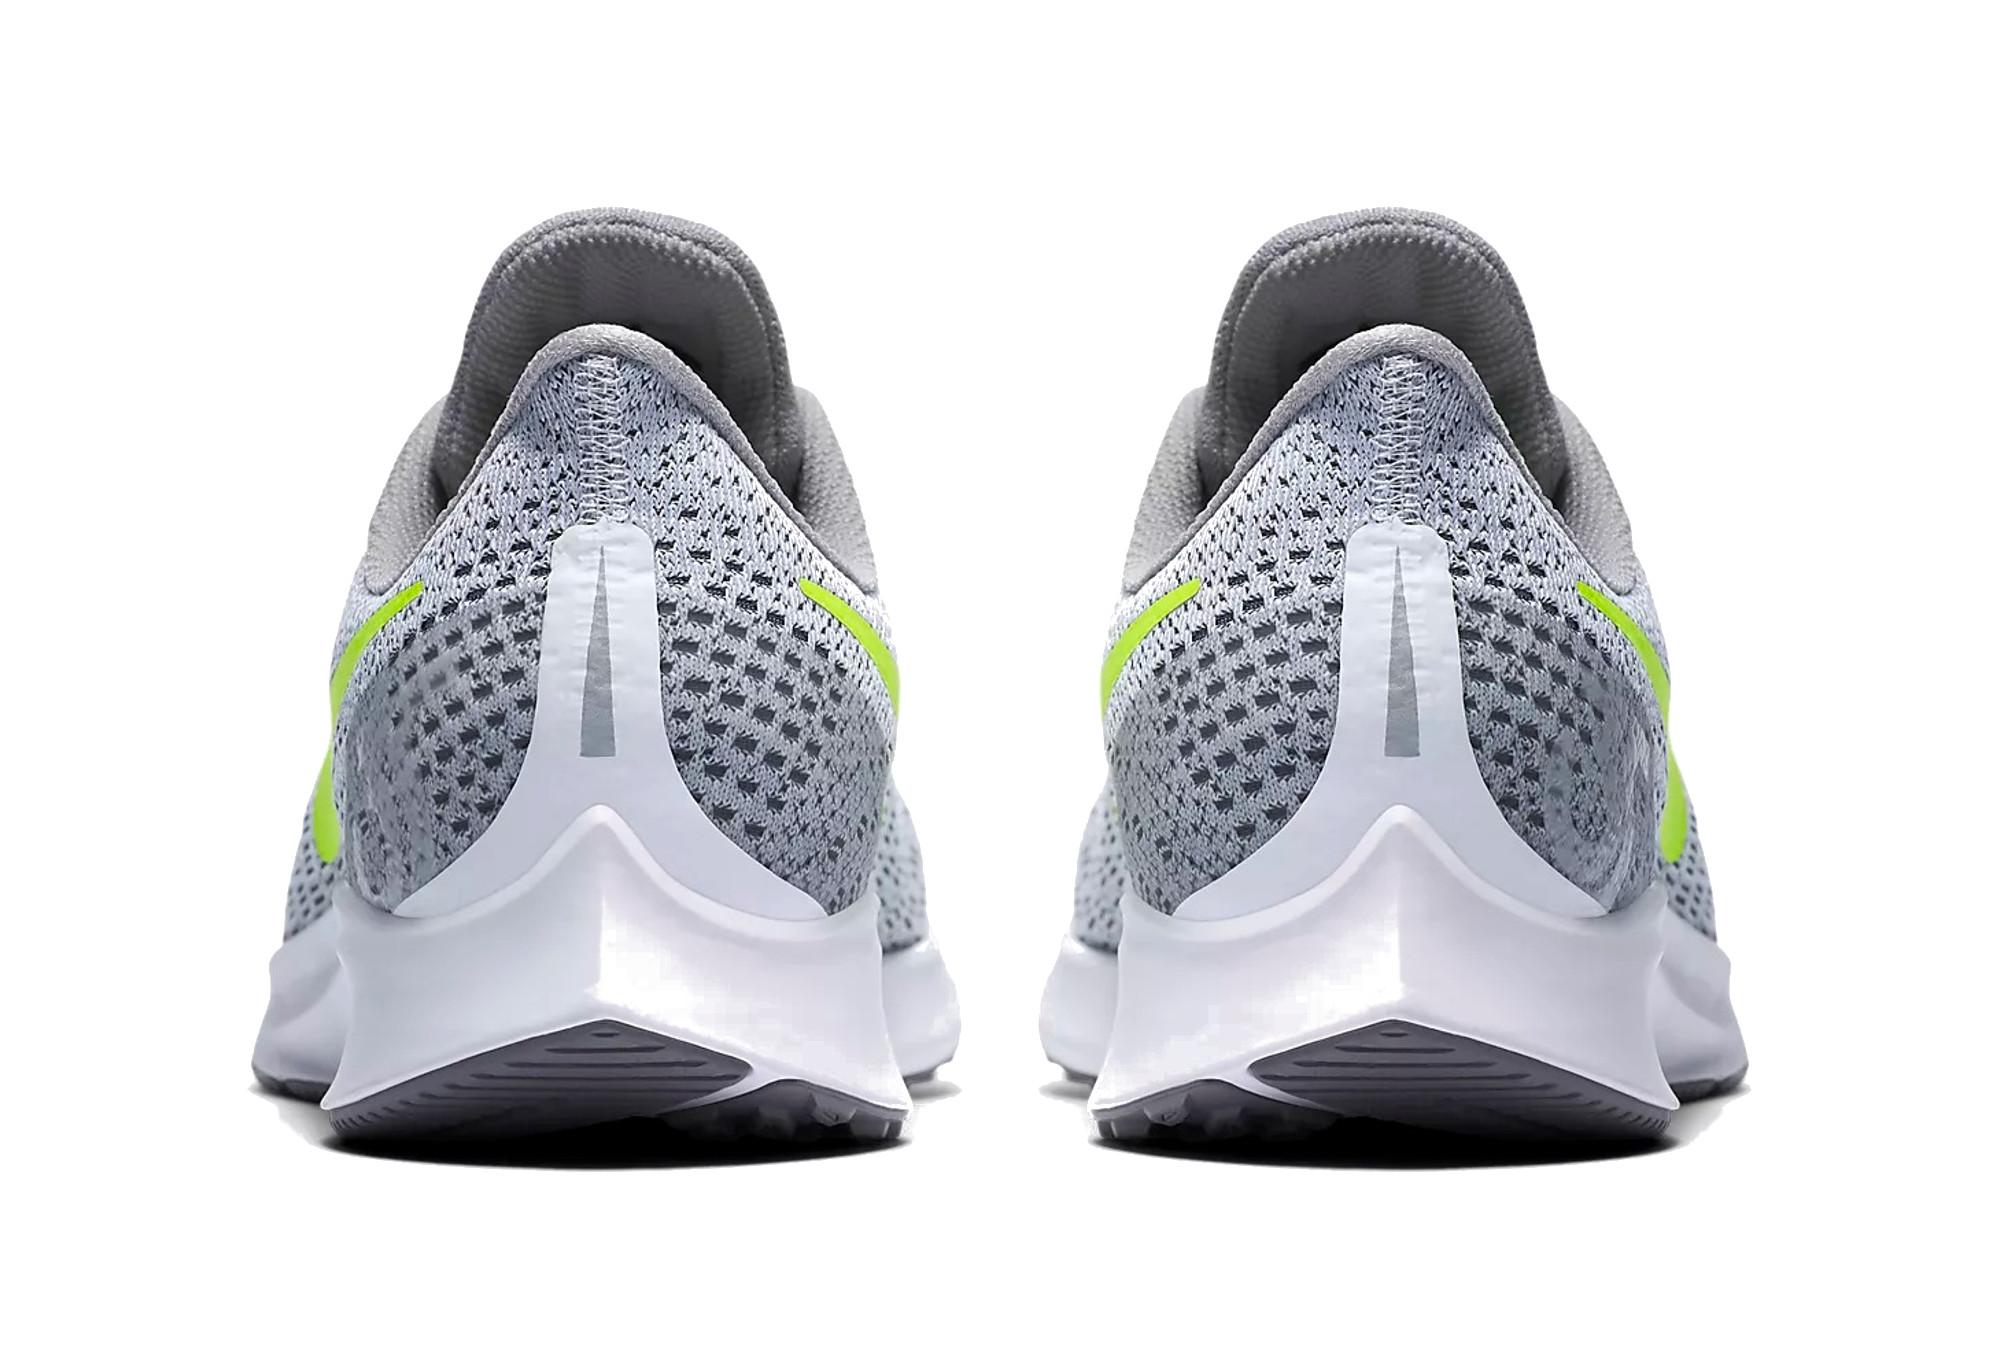 Van a volar! Zapatillas de running Nike Air Zoom Vomero 13